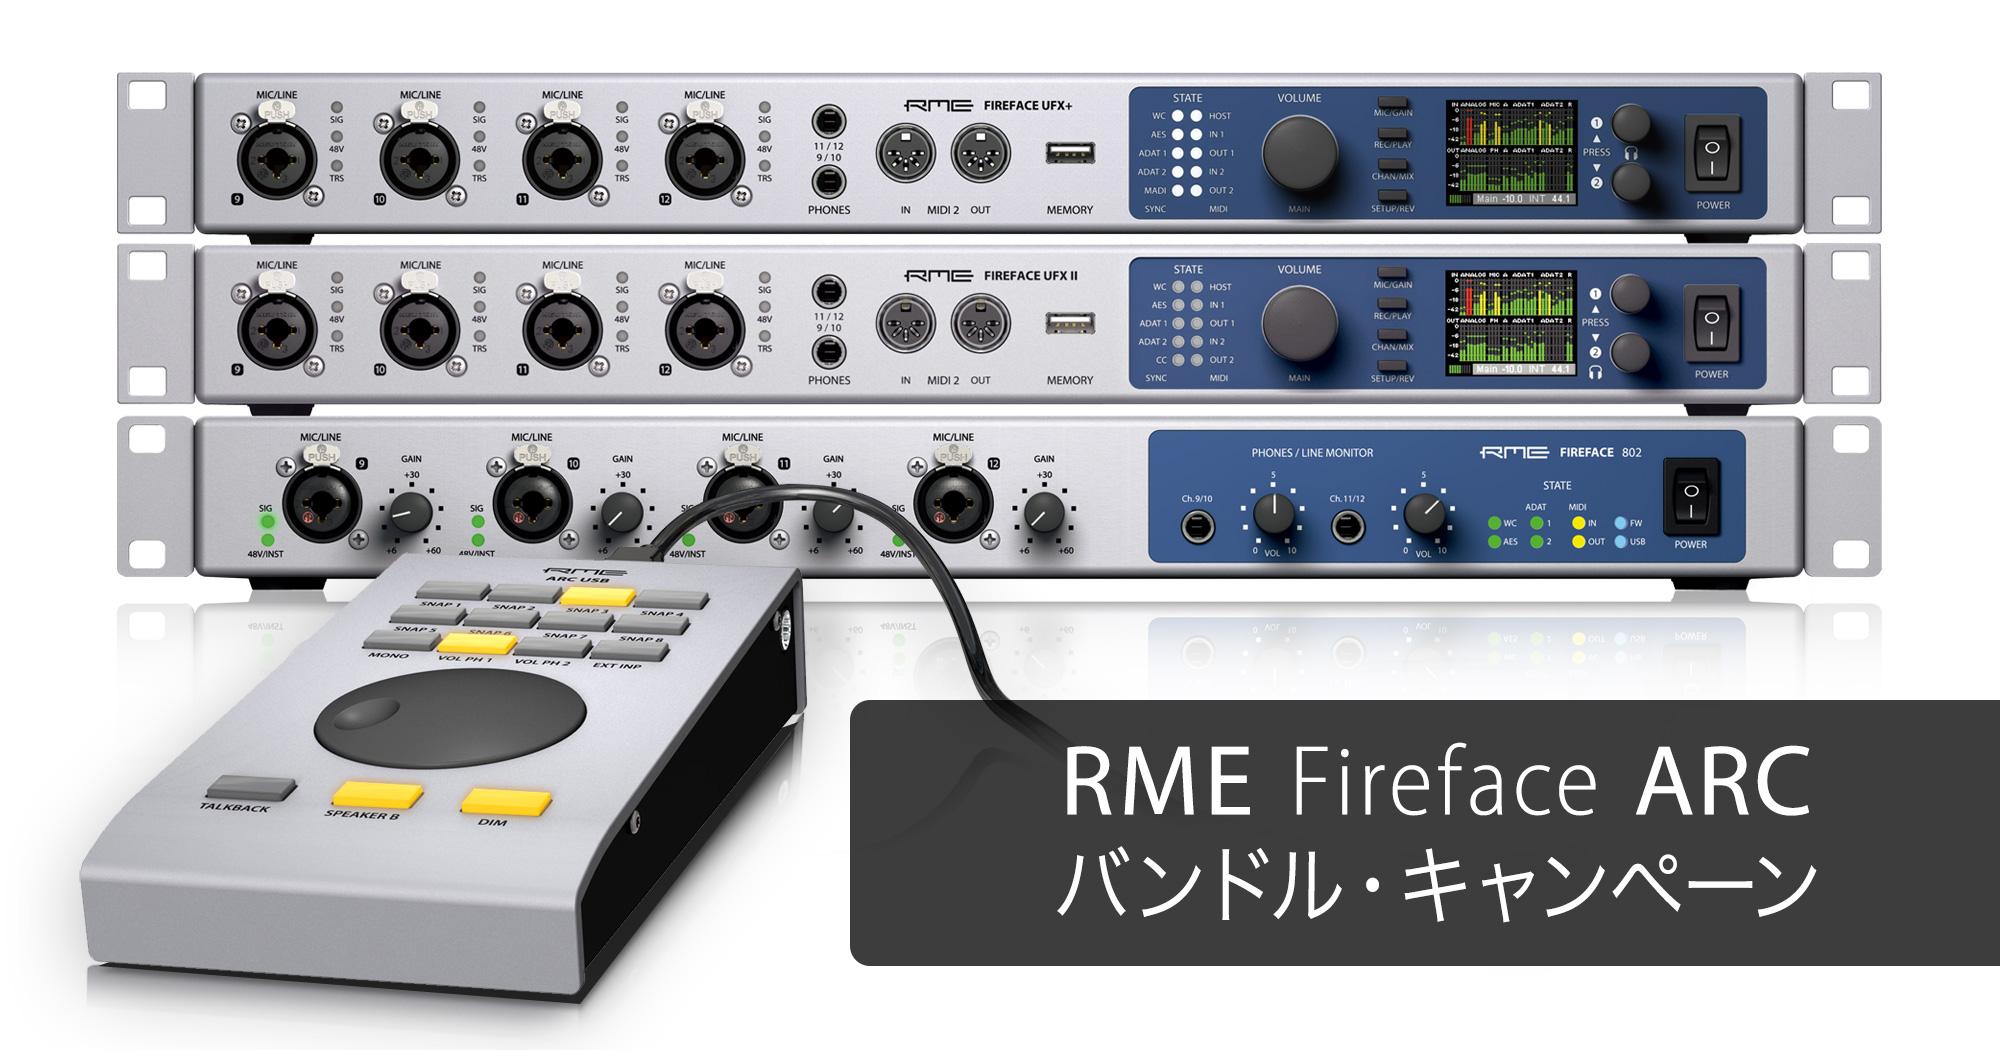 RME Fireface ARCバンドル - 価格はそのまま。ワークフローが飛躍的にアップ!